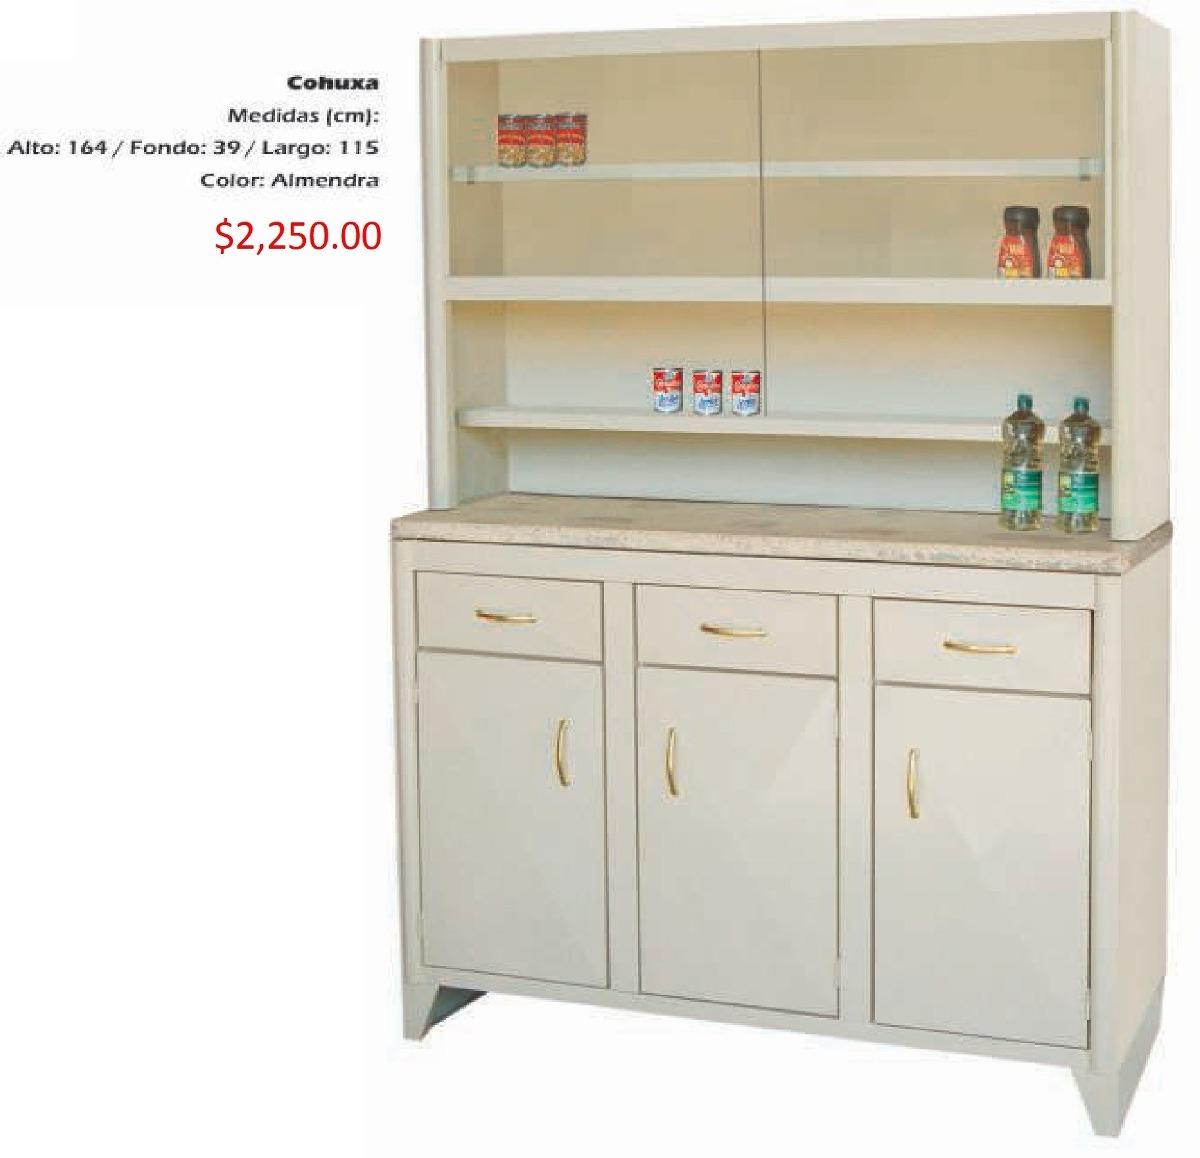 Mueble Para Cocina Modelo Cohuxa  $ 2,25000 en MercadoLibre